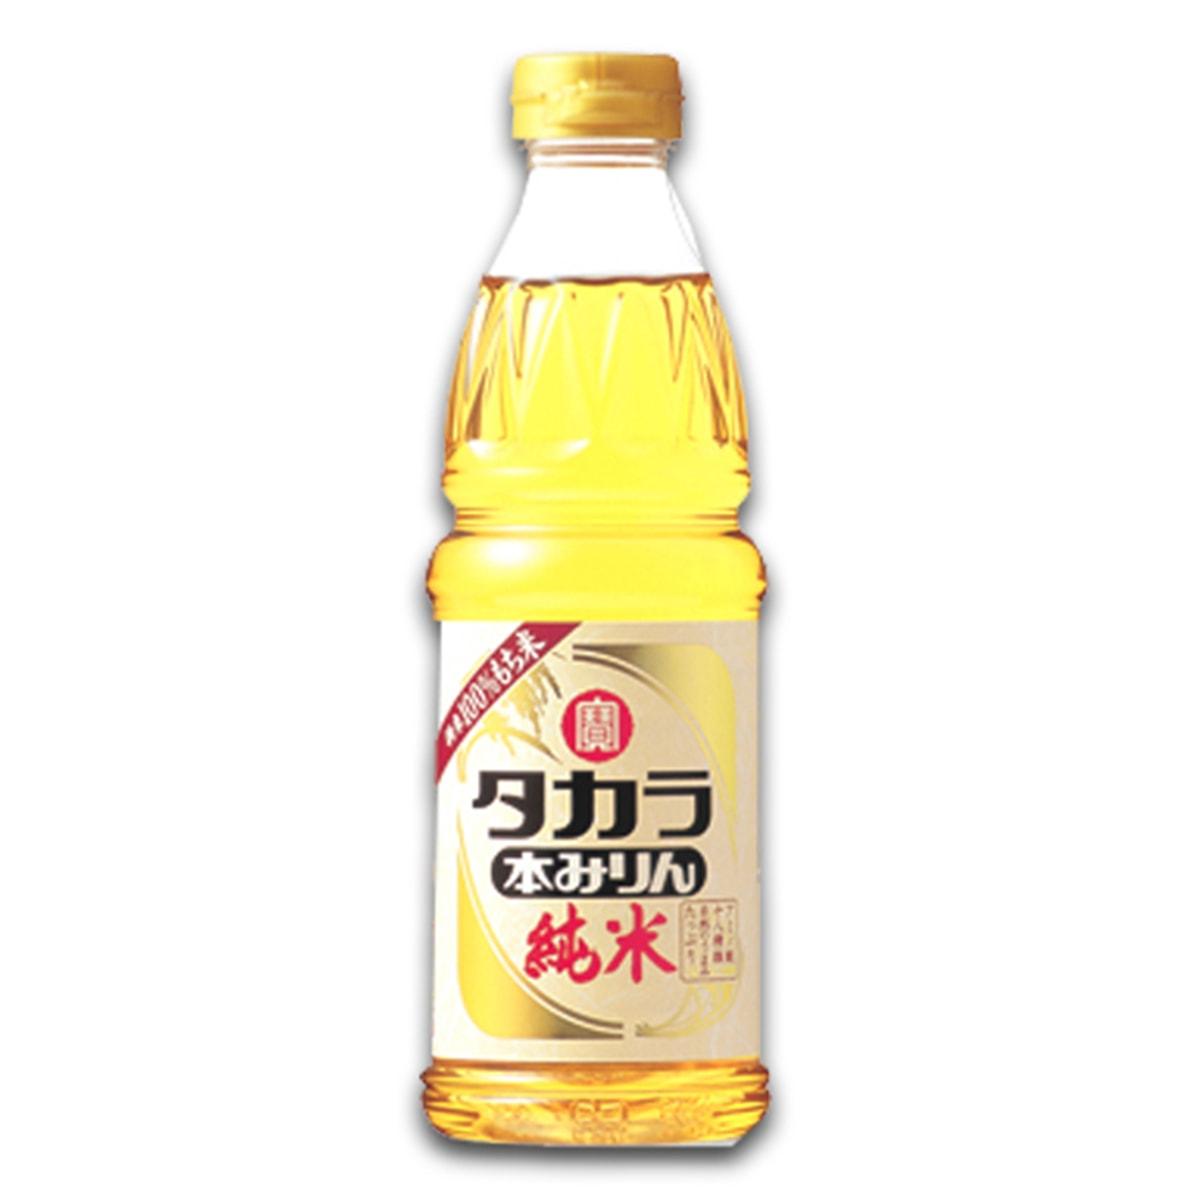 Buy Takara Cooking Sake Seasoning Wine - 300 ml